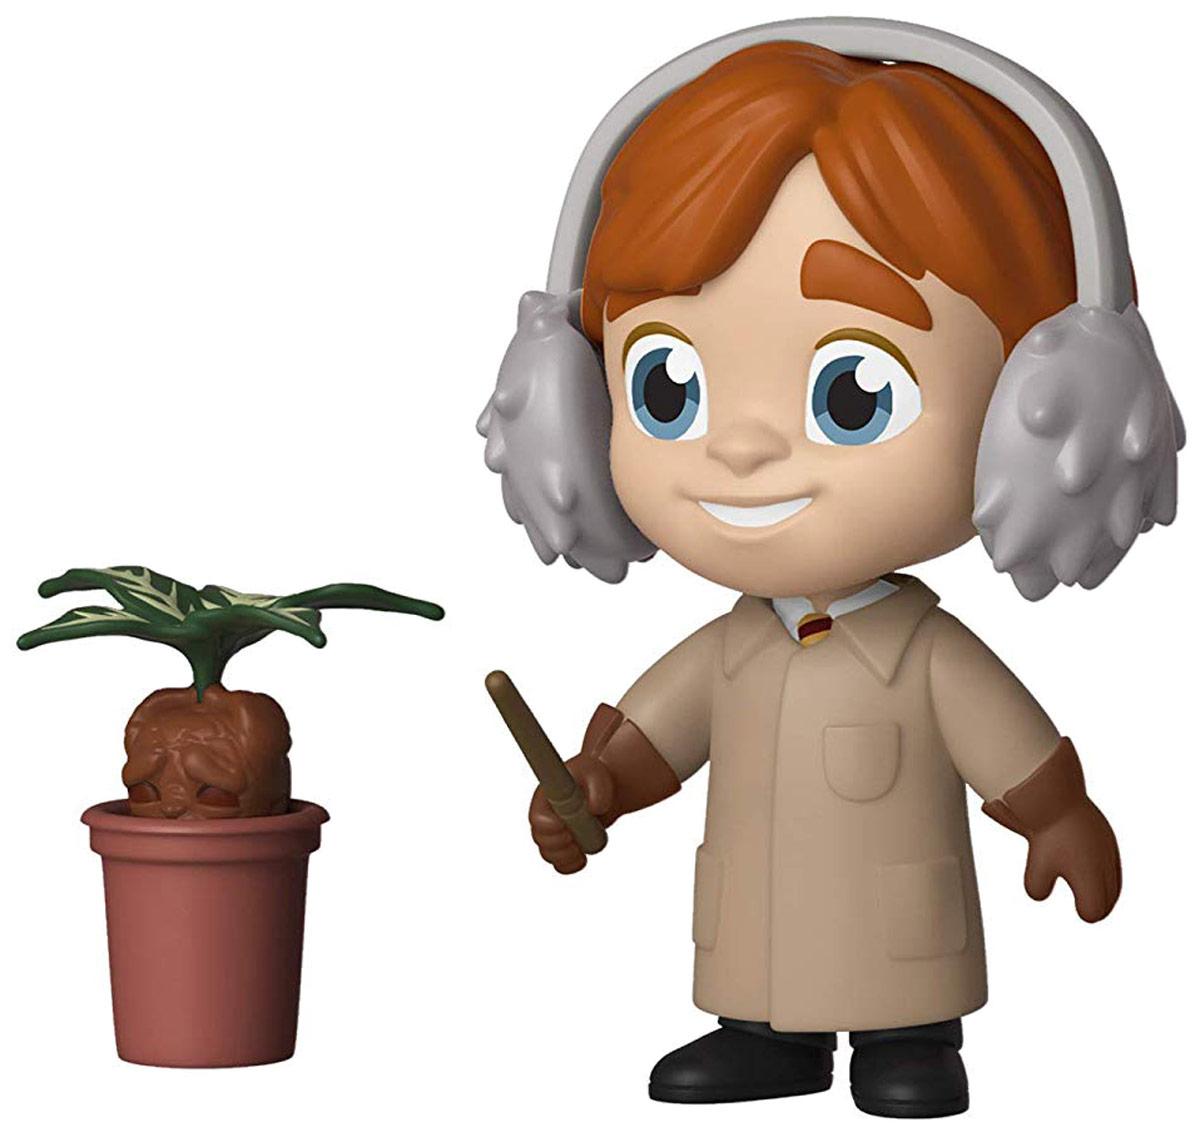 Фигурка Funko Vinyl Figure: 5 Star: Harry Potter: Ron Weasley (Herbology) 37265 funko pop vinyl фигурка harry potter s5 hermione granger herbology 29502